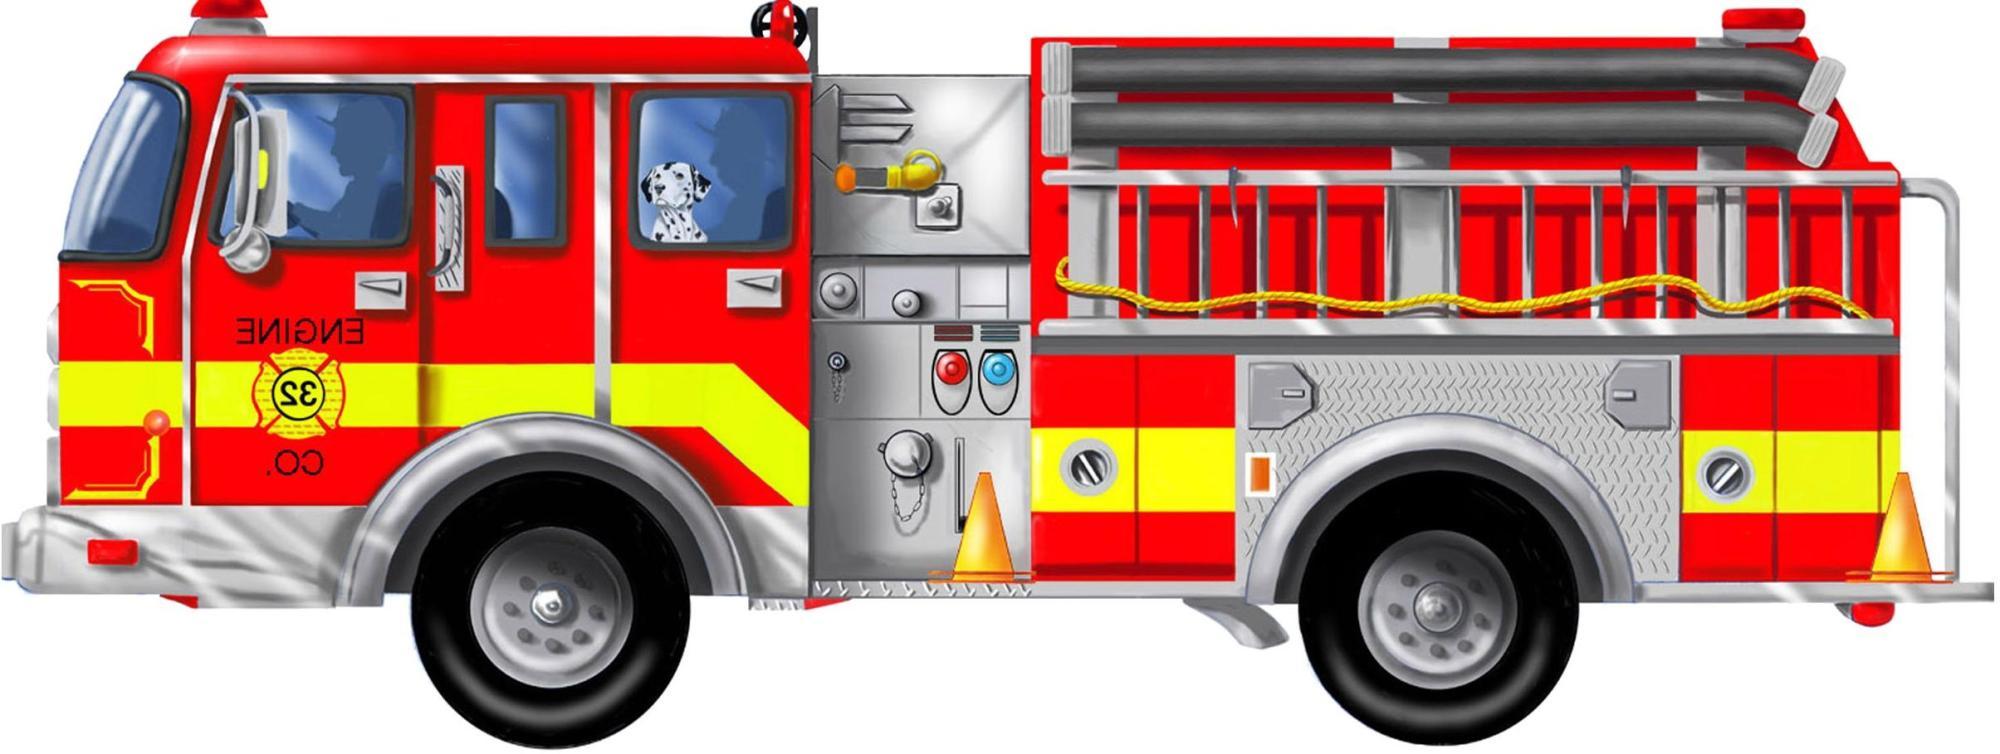 hight resolution of fire truck clipart hdclipartall com clip art2409